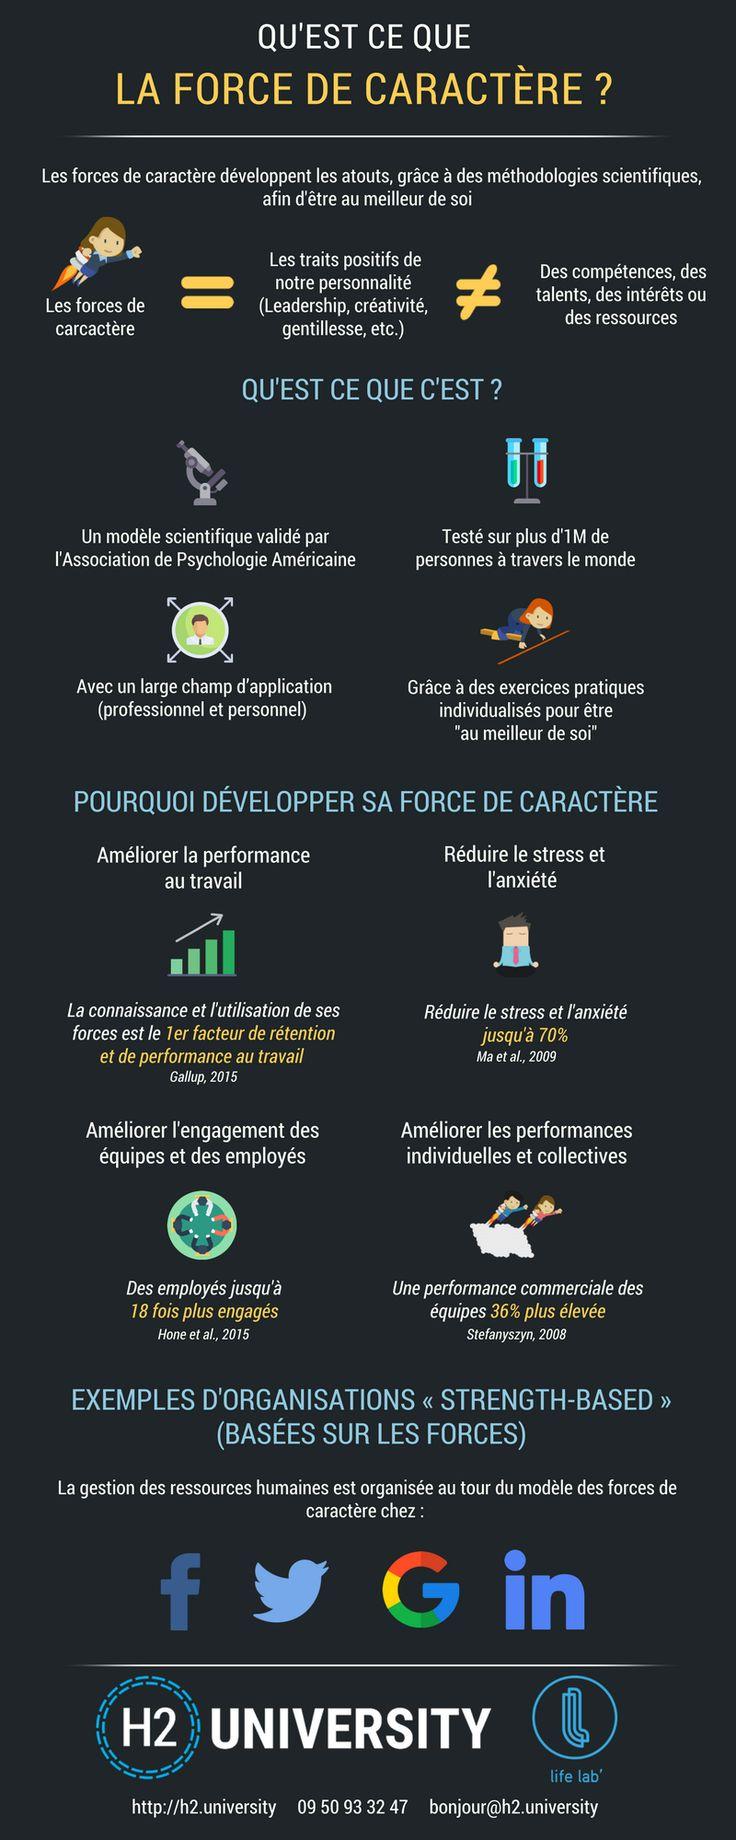 Infographie : Pourquoi utiliser ses forces de caractère ? | Le Blog H2 University